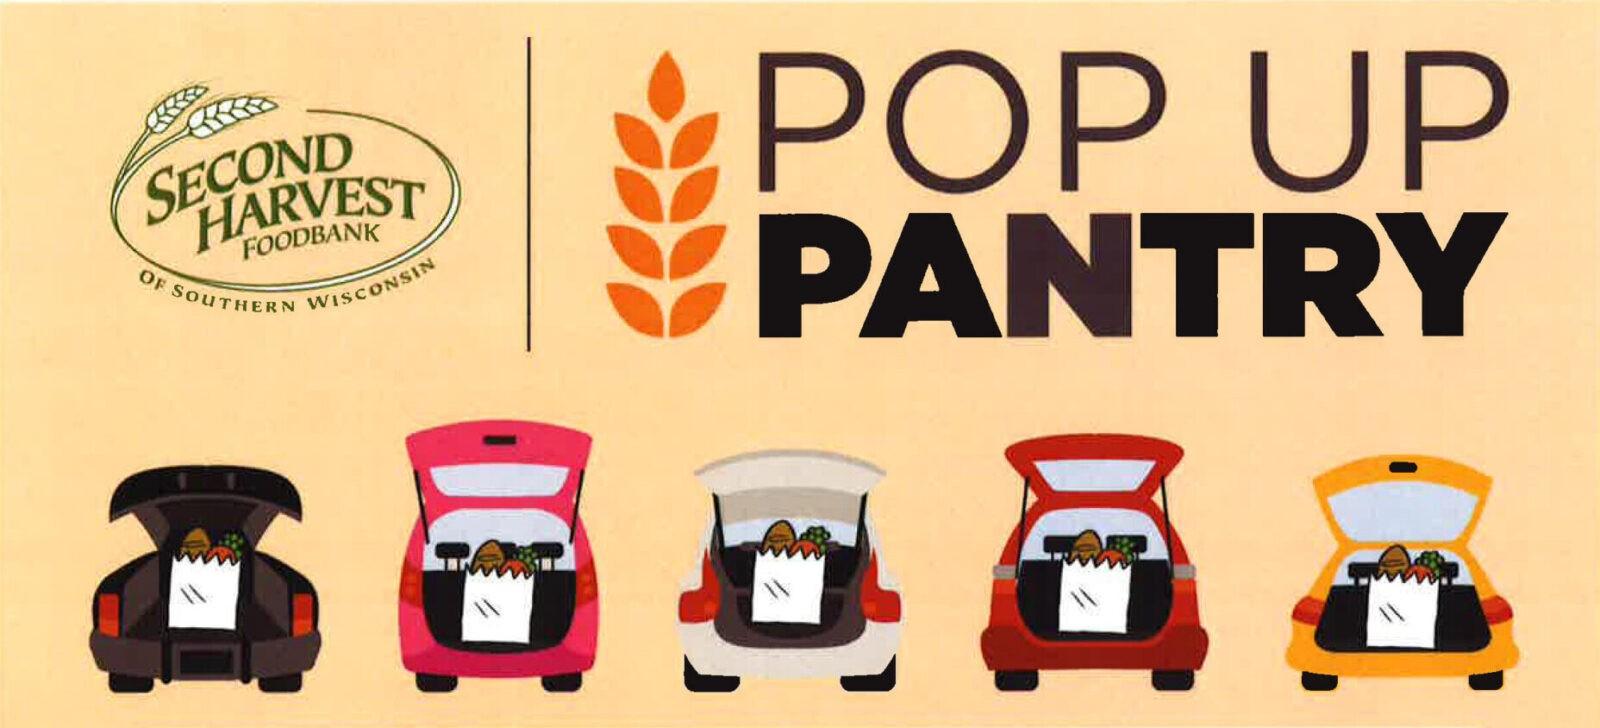 Pop Up Food Pantry